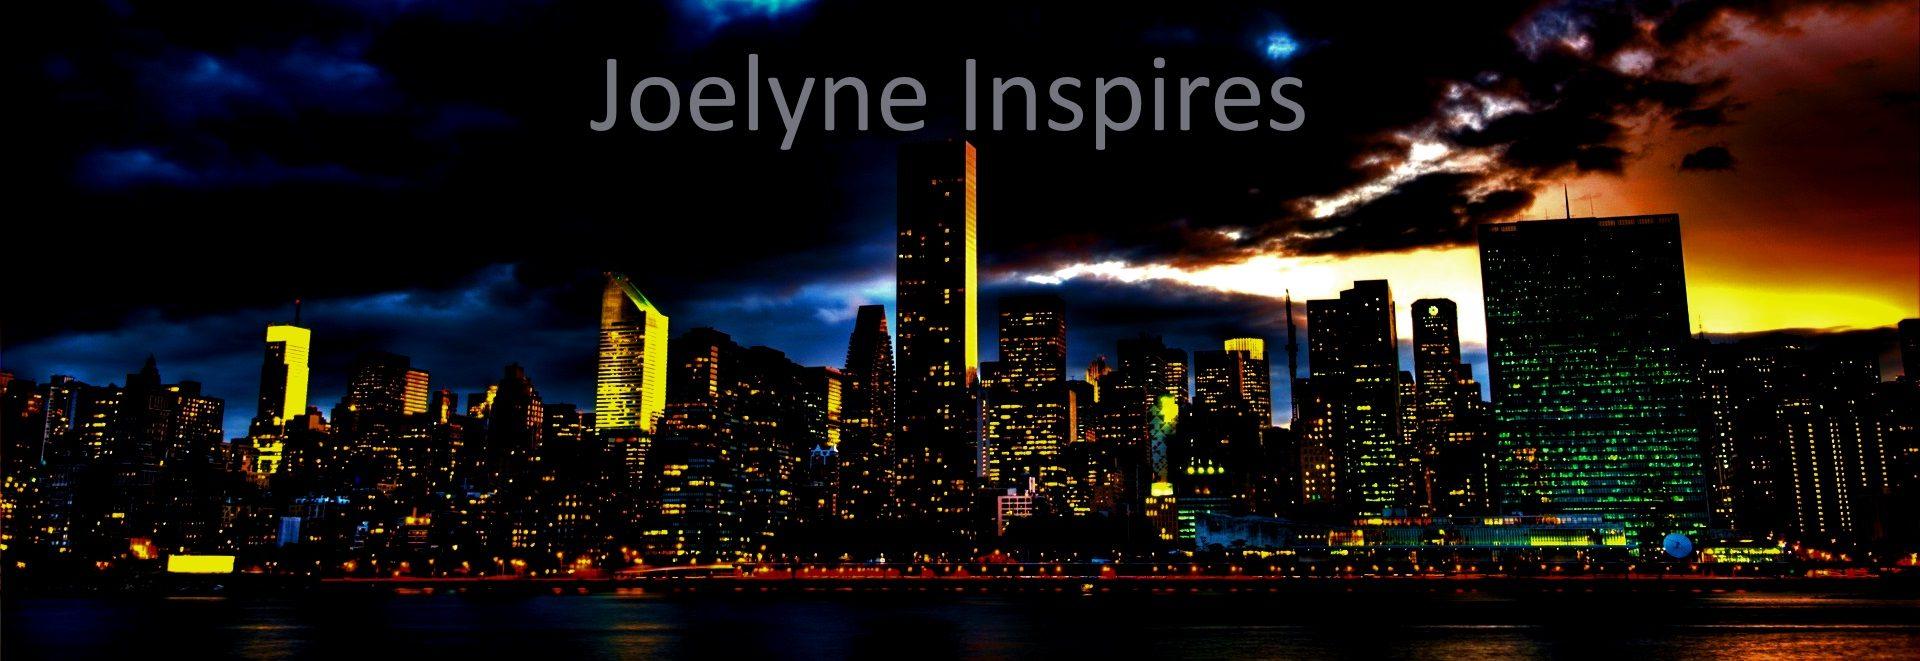 Joelyne Inspires